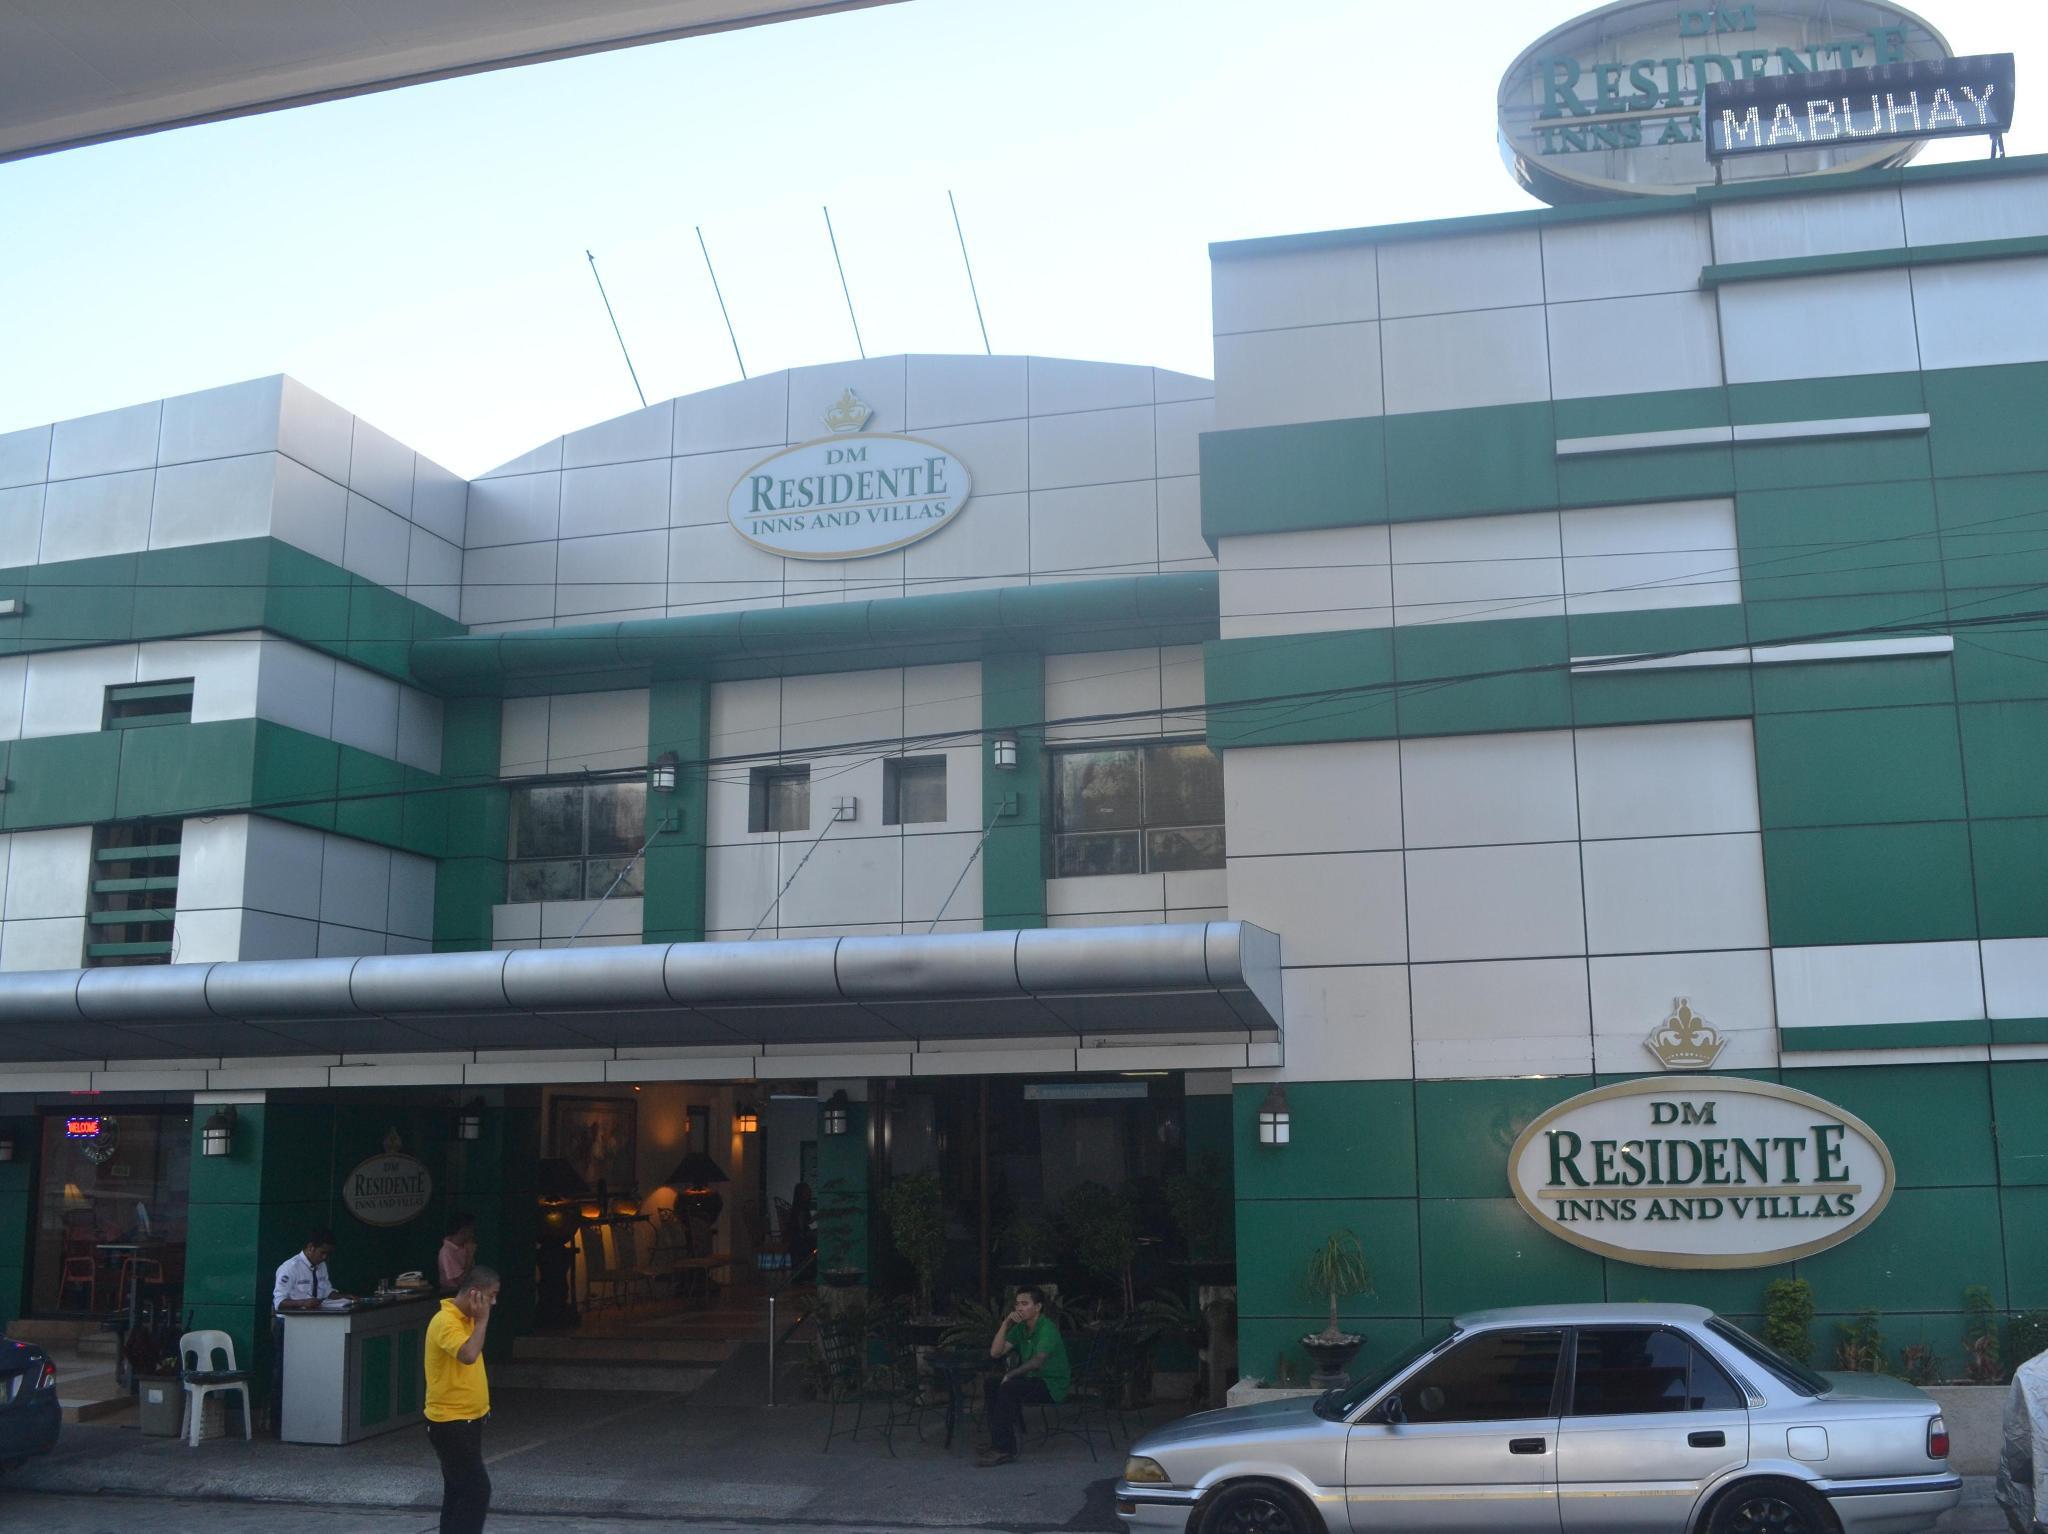 DM Residente Hotel